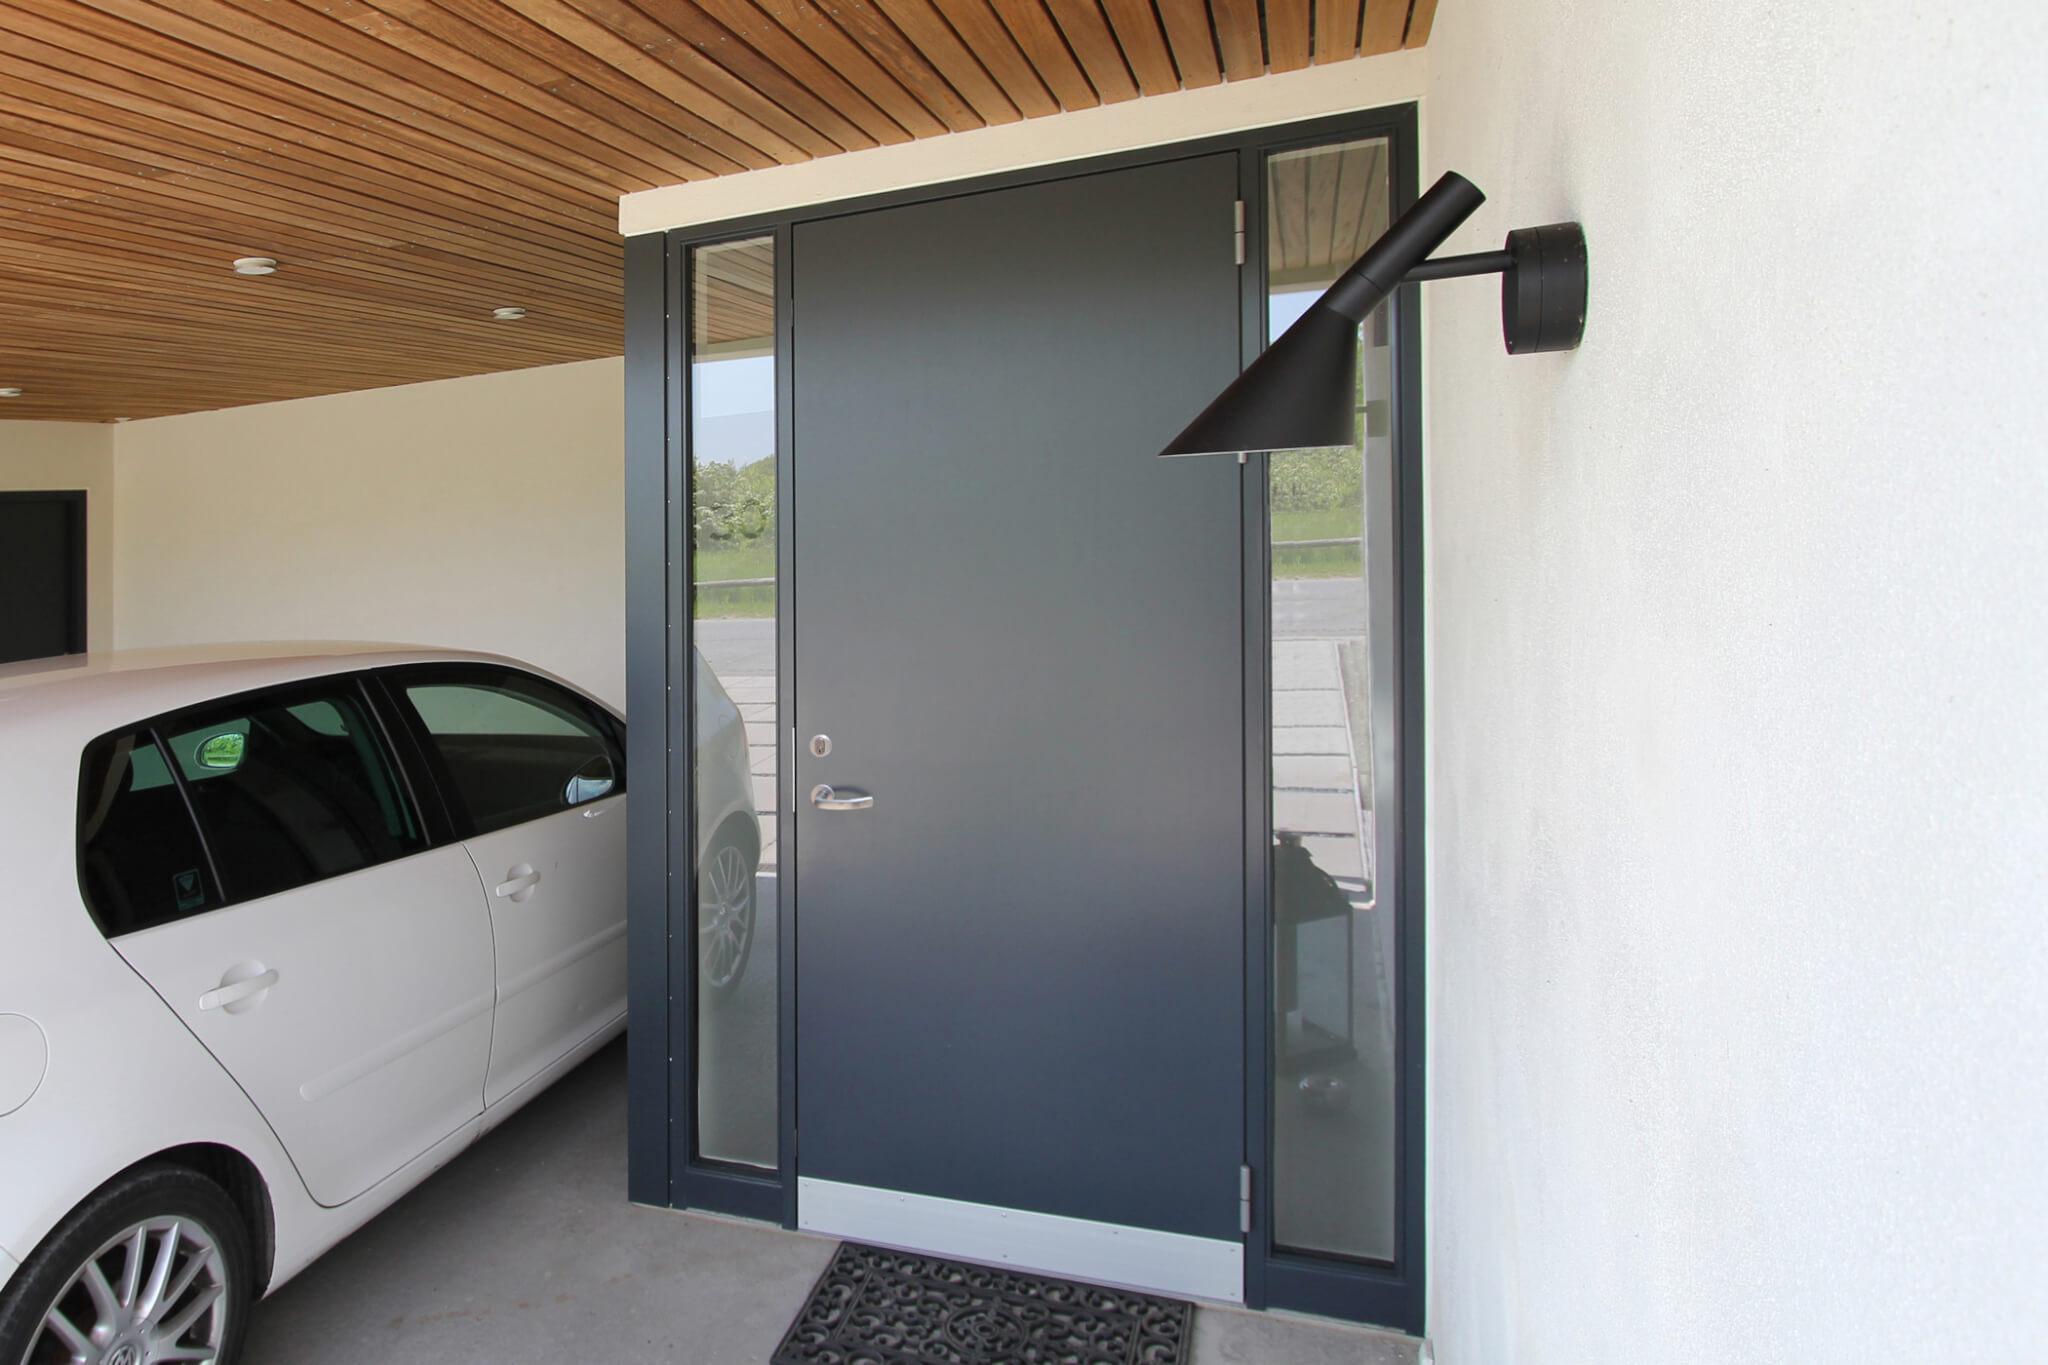 idealcombi pladedør grå Ideal Combi Døre og vinduer